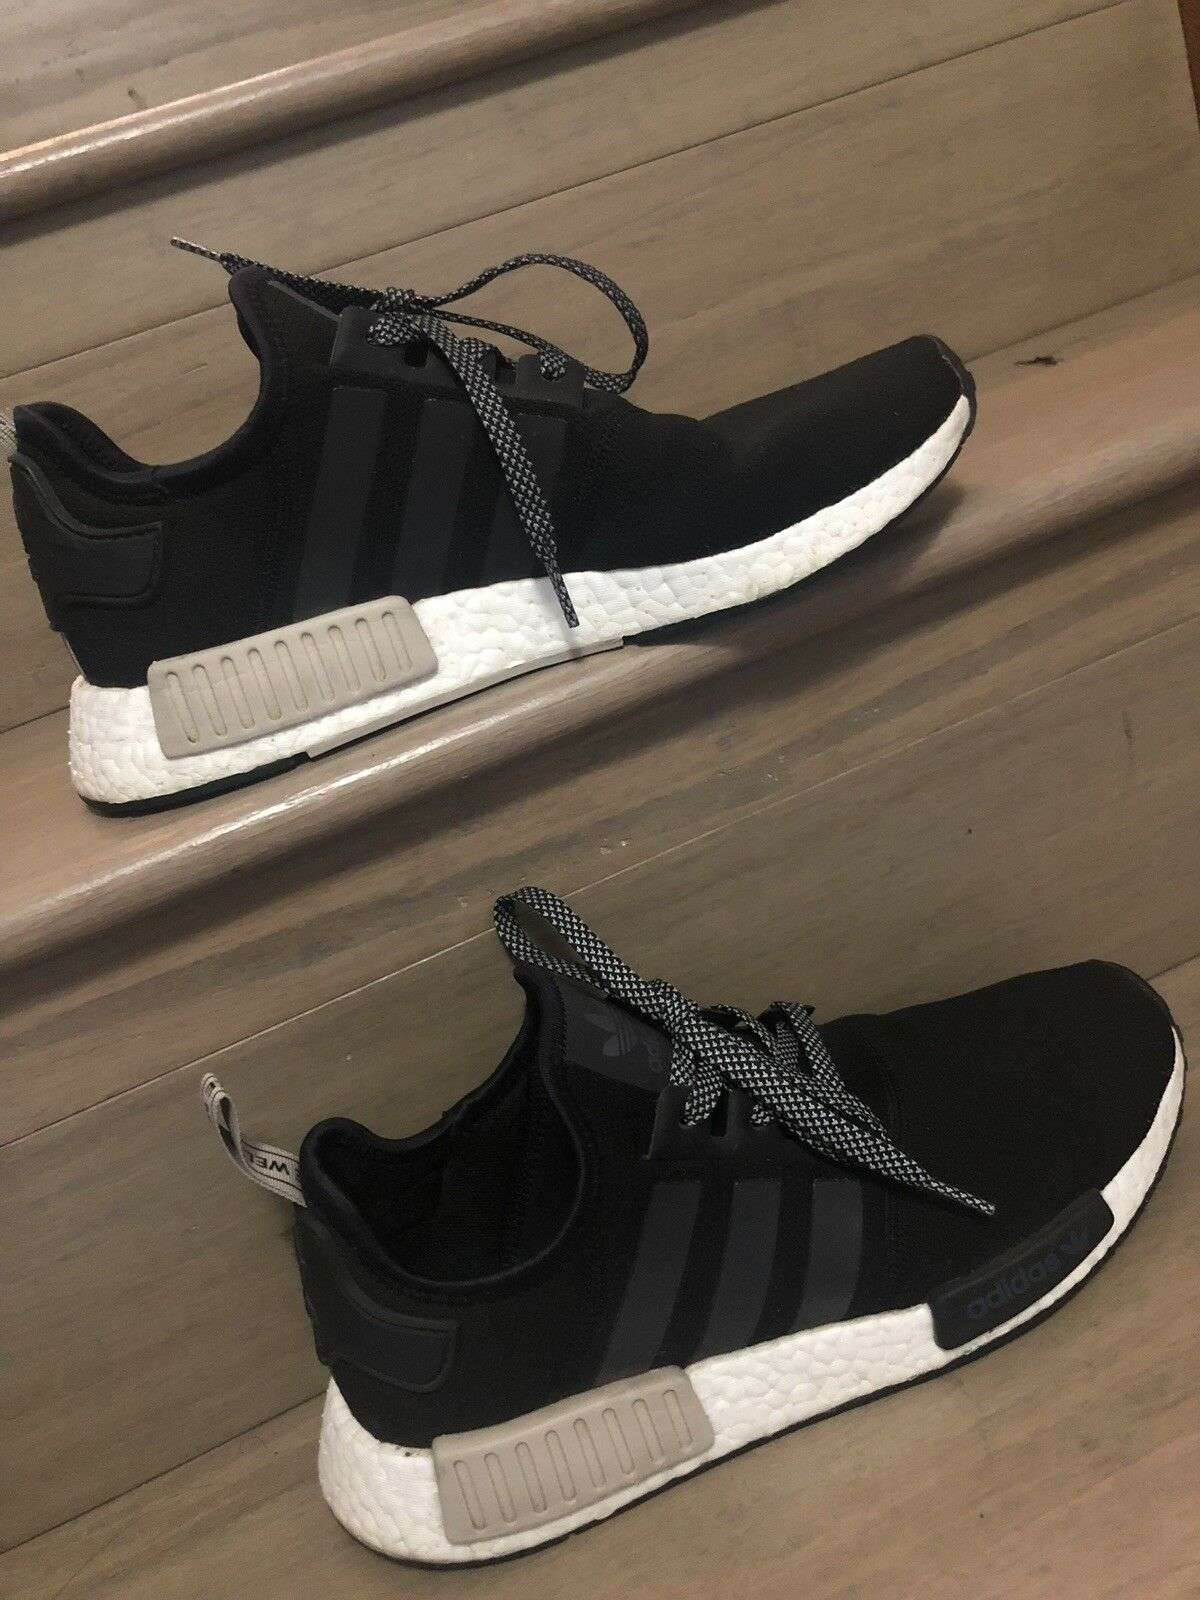 Adidas NMD R1 Light Brown Black Men's 10 footlocker Australia